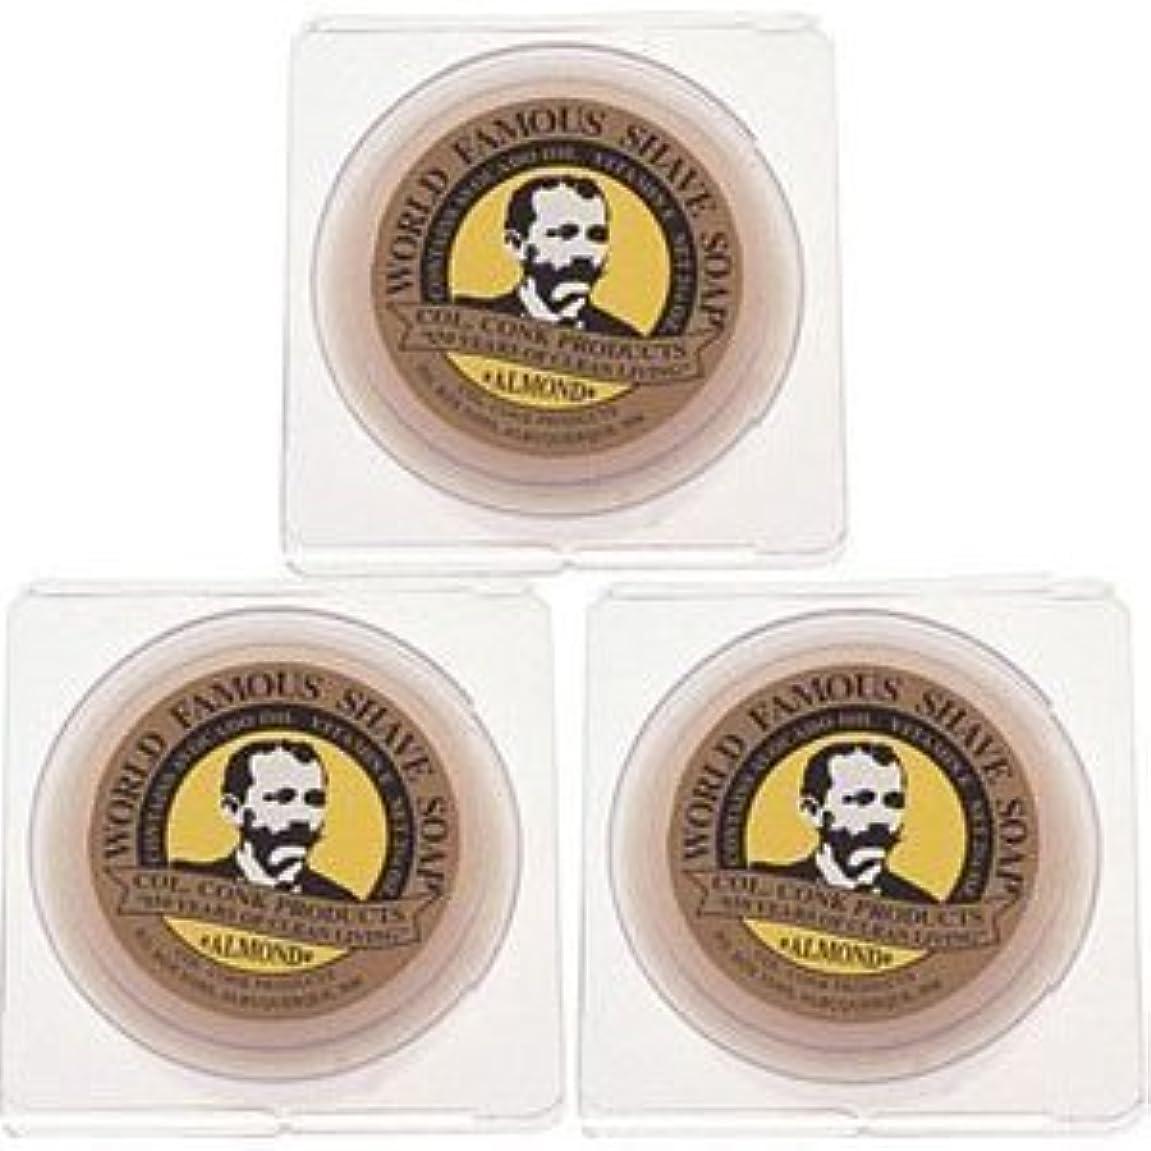 進行中テロリストエレメンタルCol. Conk World's Famous Shaving Soap Almond * 3 - Pack * Each Net Weight 2.25 Oz by Colonel Conk [並行輸入品]